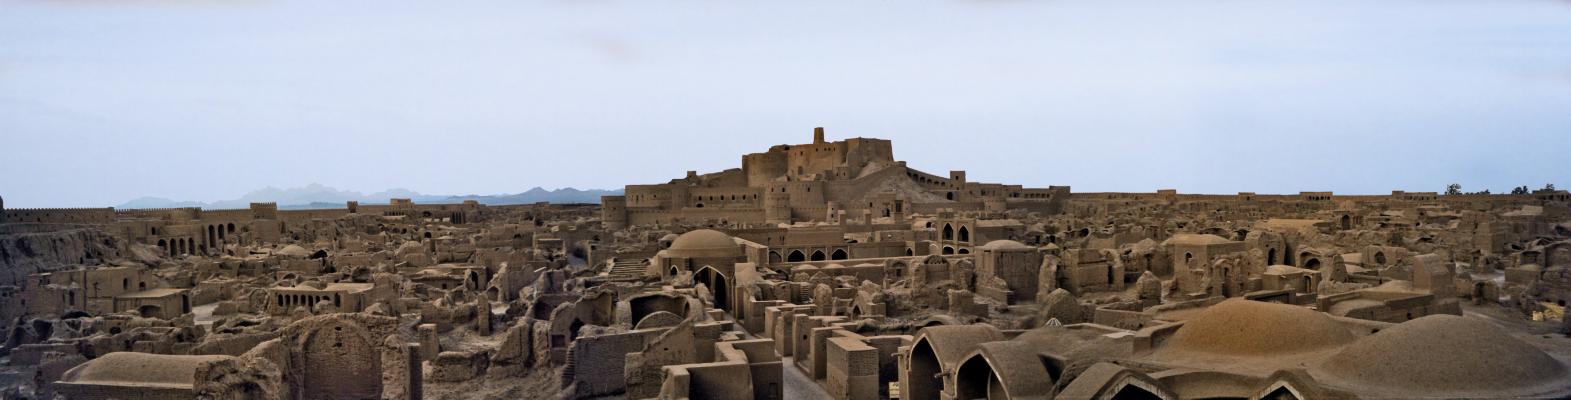 Persepolis 1-14